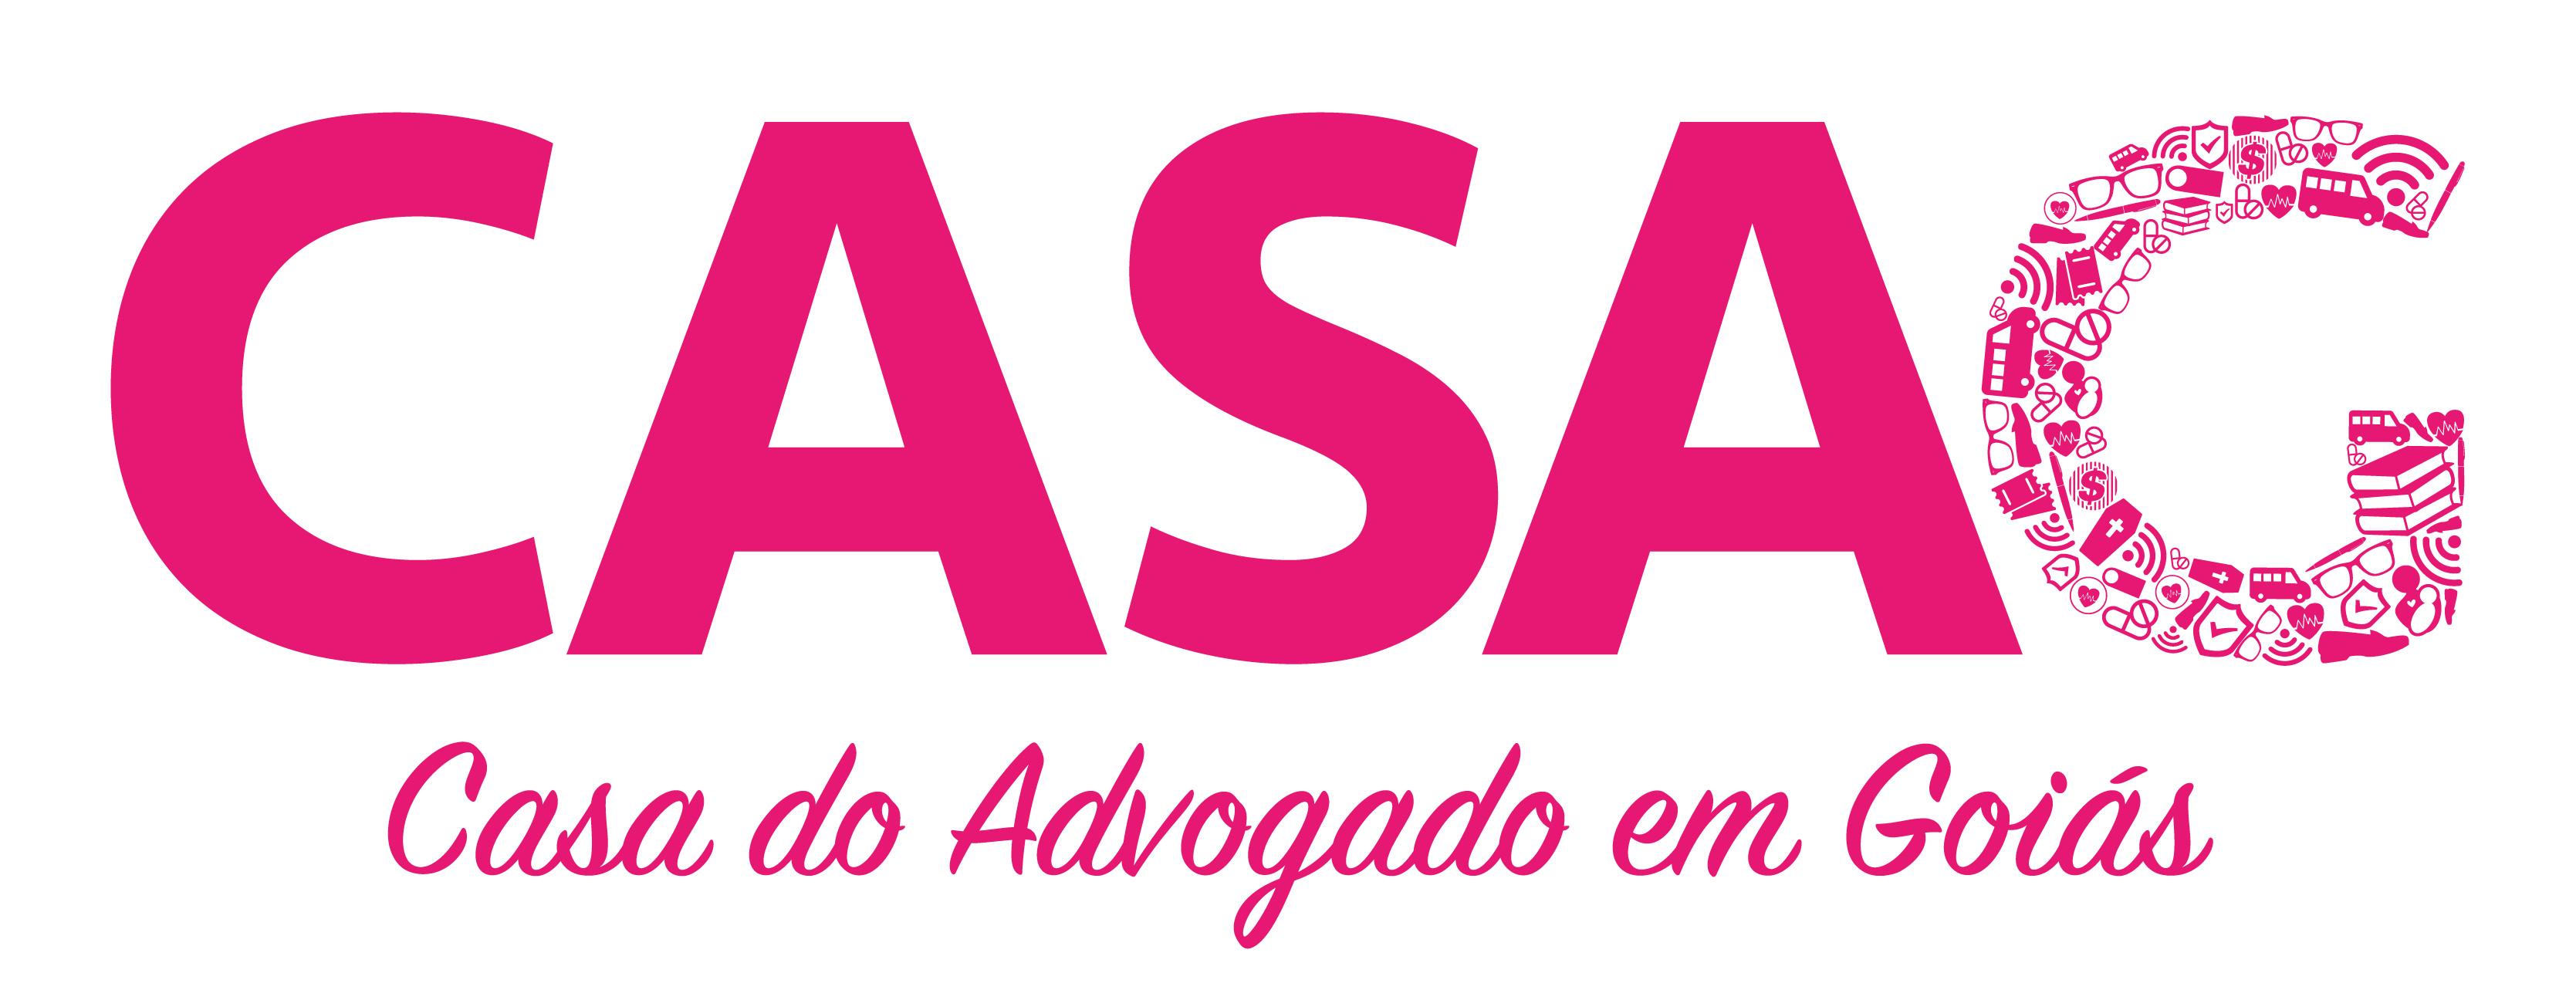 CASAG - OAB Goiás baf5878f50